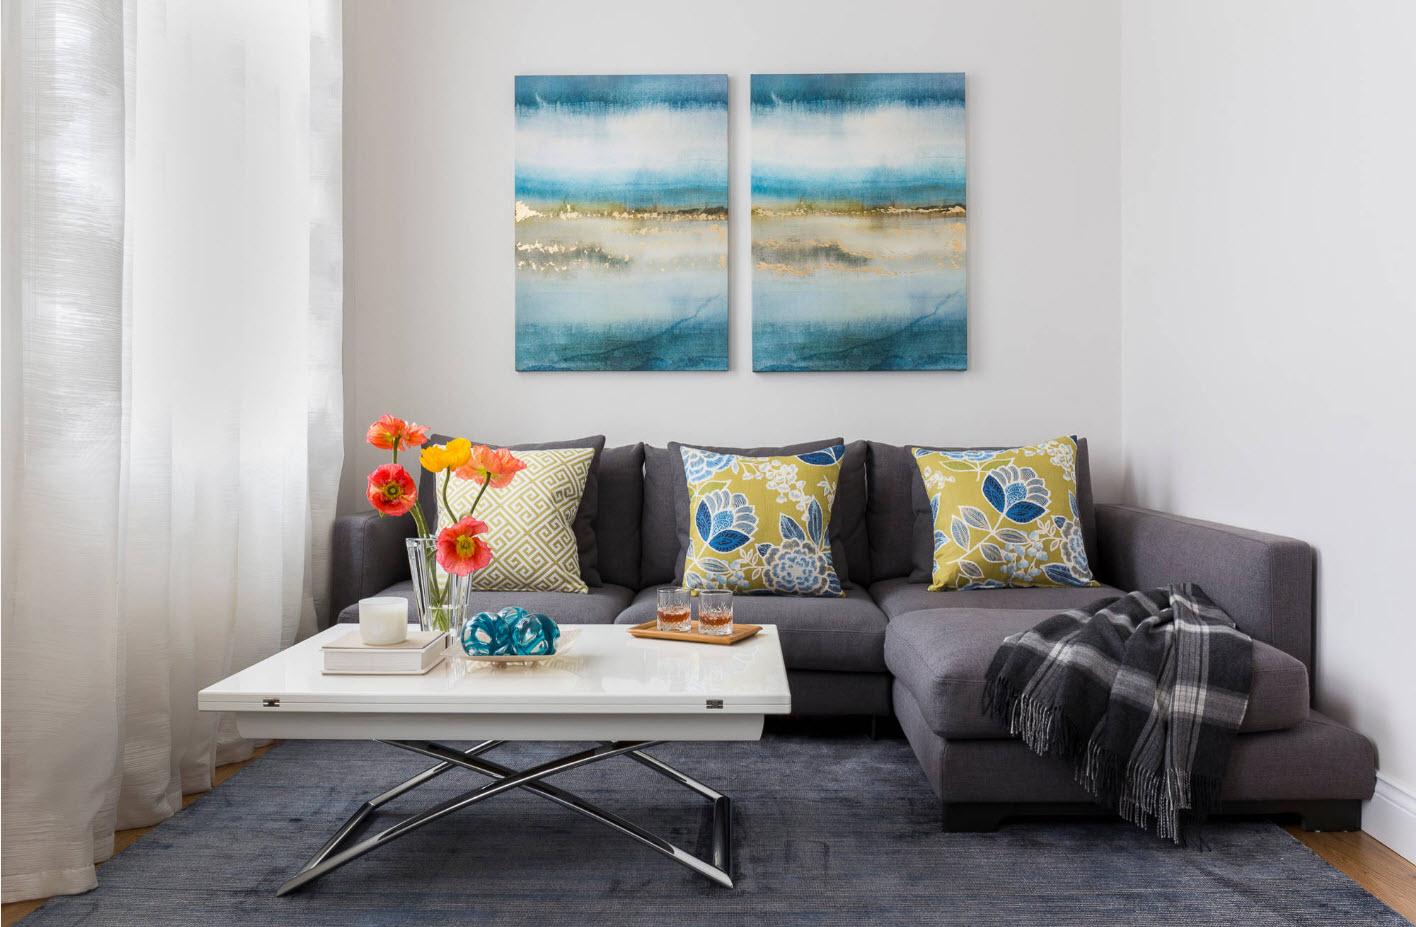 Все грани роскошного отдыха: обзор моделей углового дивана Чикаго рекомендации